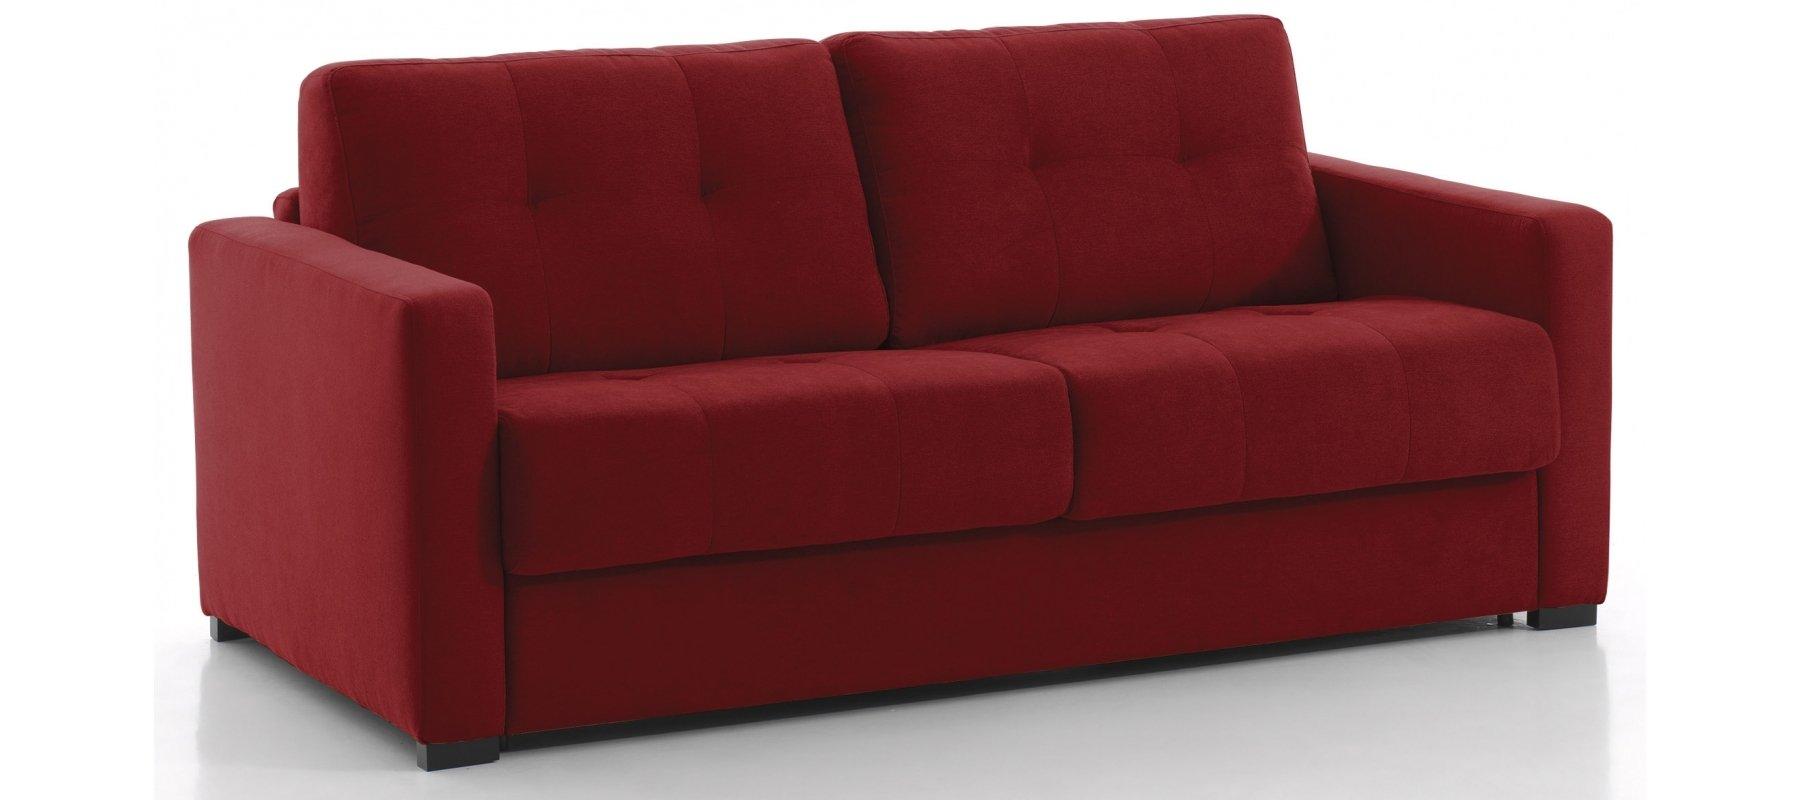 canap convertible 2 places blois 1069 avec couchage 120 cm rapido. Black Bedroom Furniture Sets. Home Design Ideas